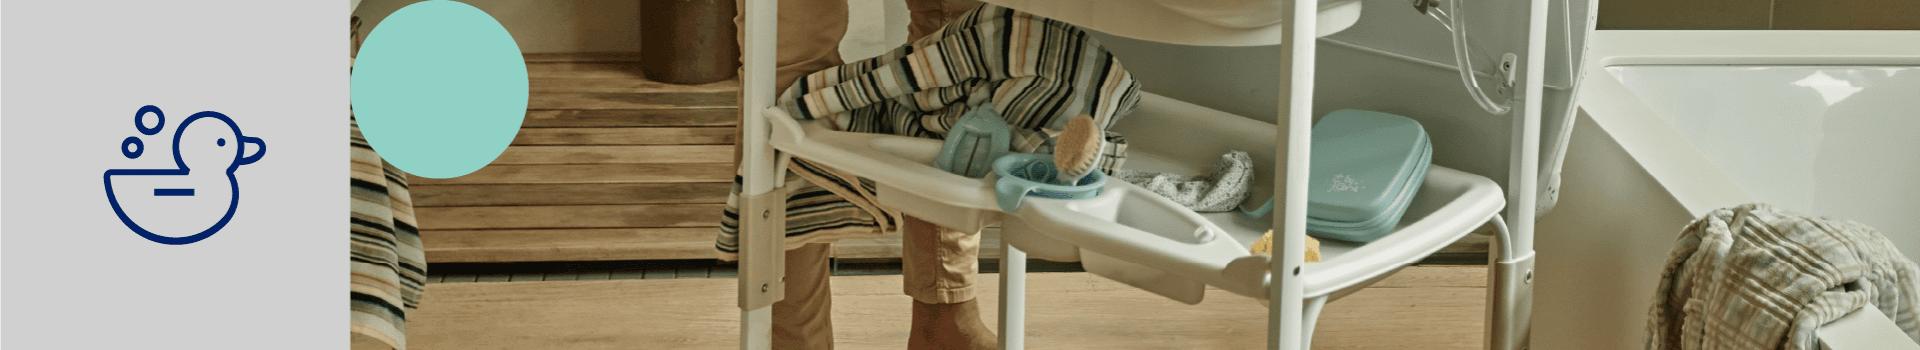 Toilette bébé | Accessoires pour la toilette du bébé | Janéworld